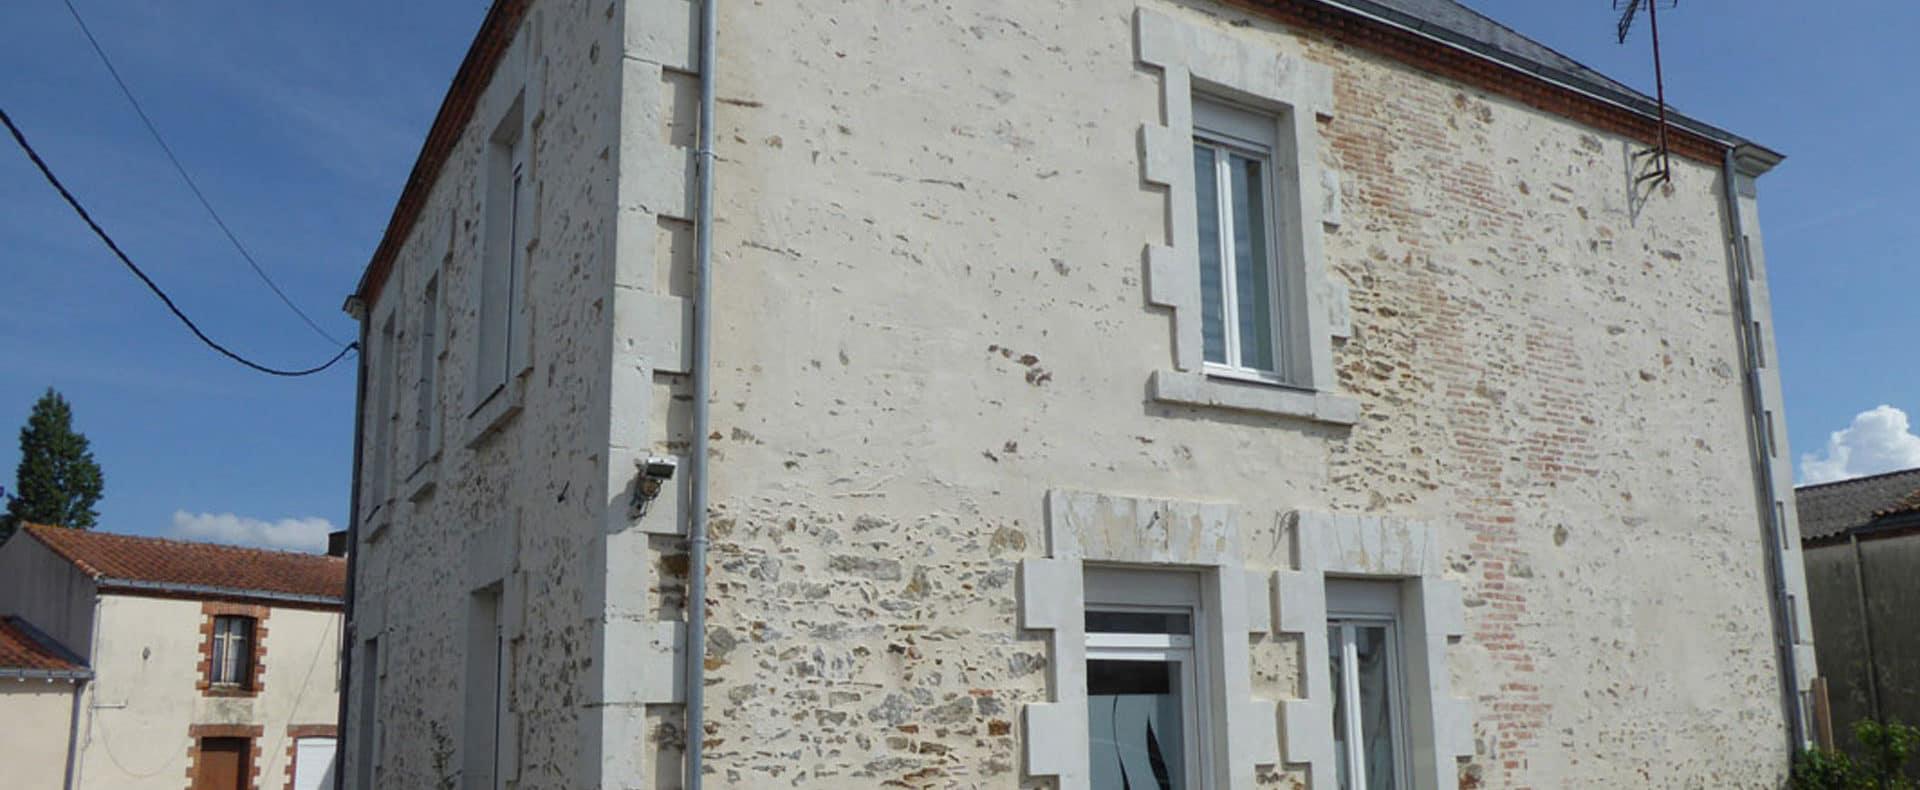 Maison en vente aux enchères Le Bignon